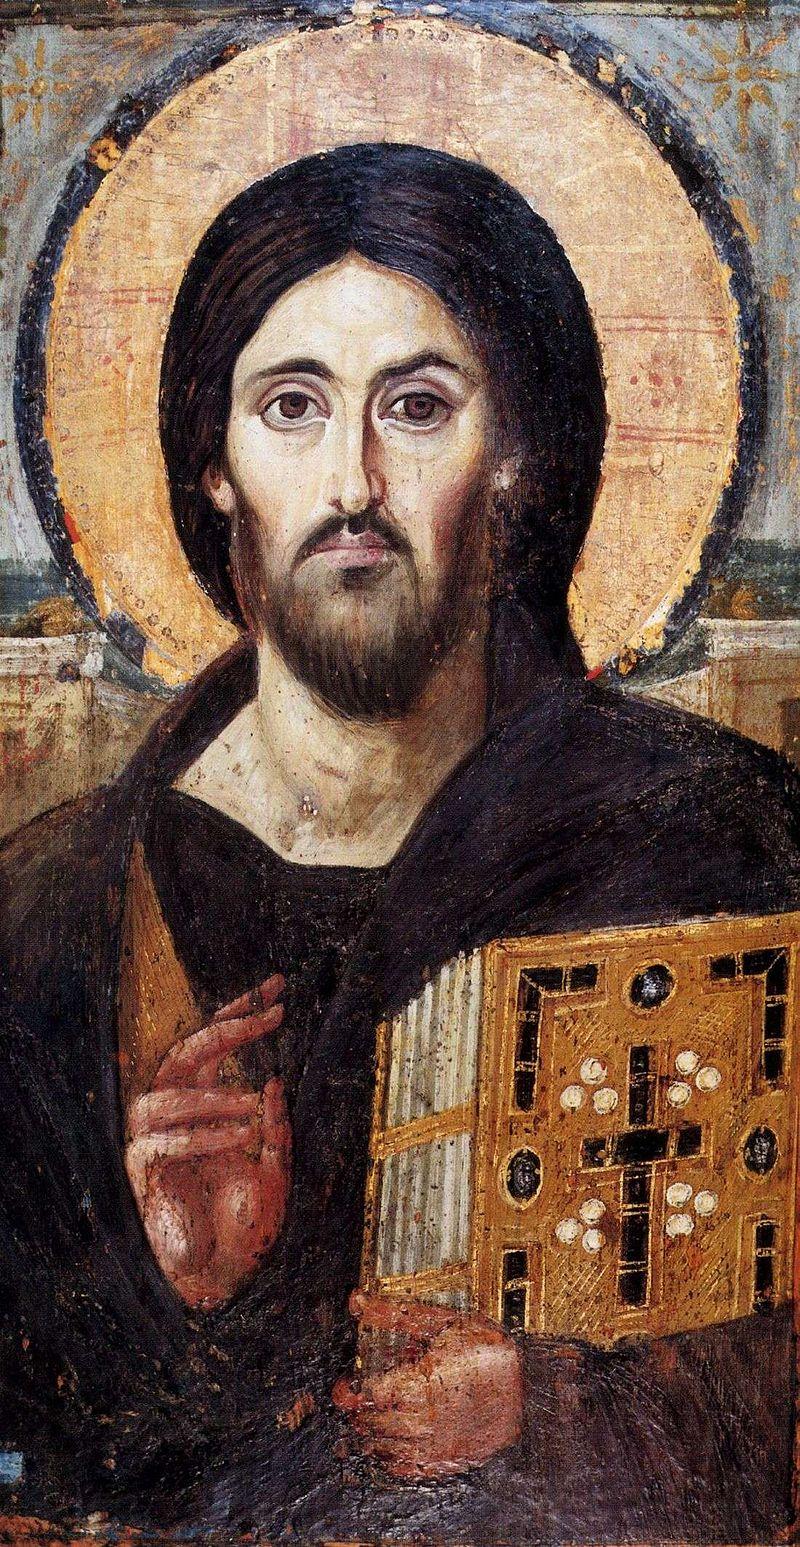 امثال الرب يسوع المسيح و دليل الوهيته